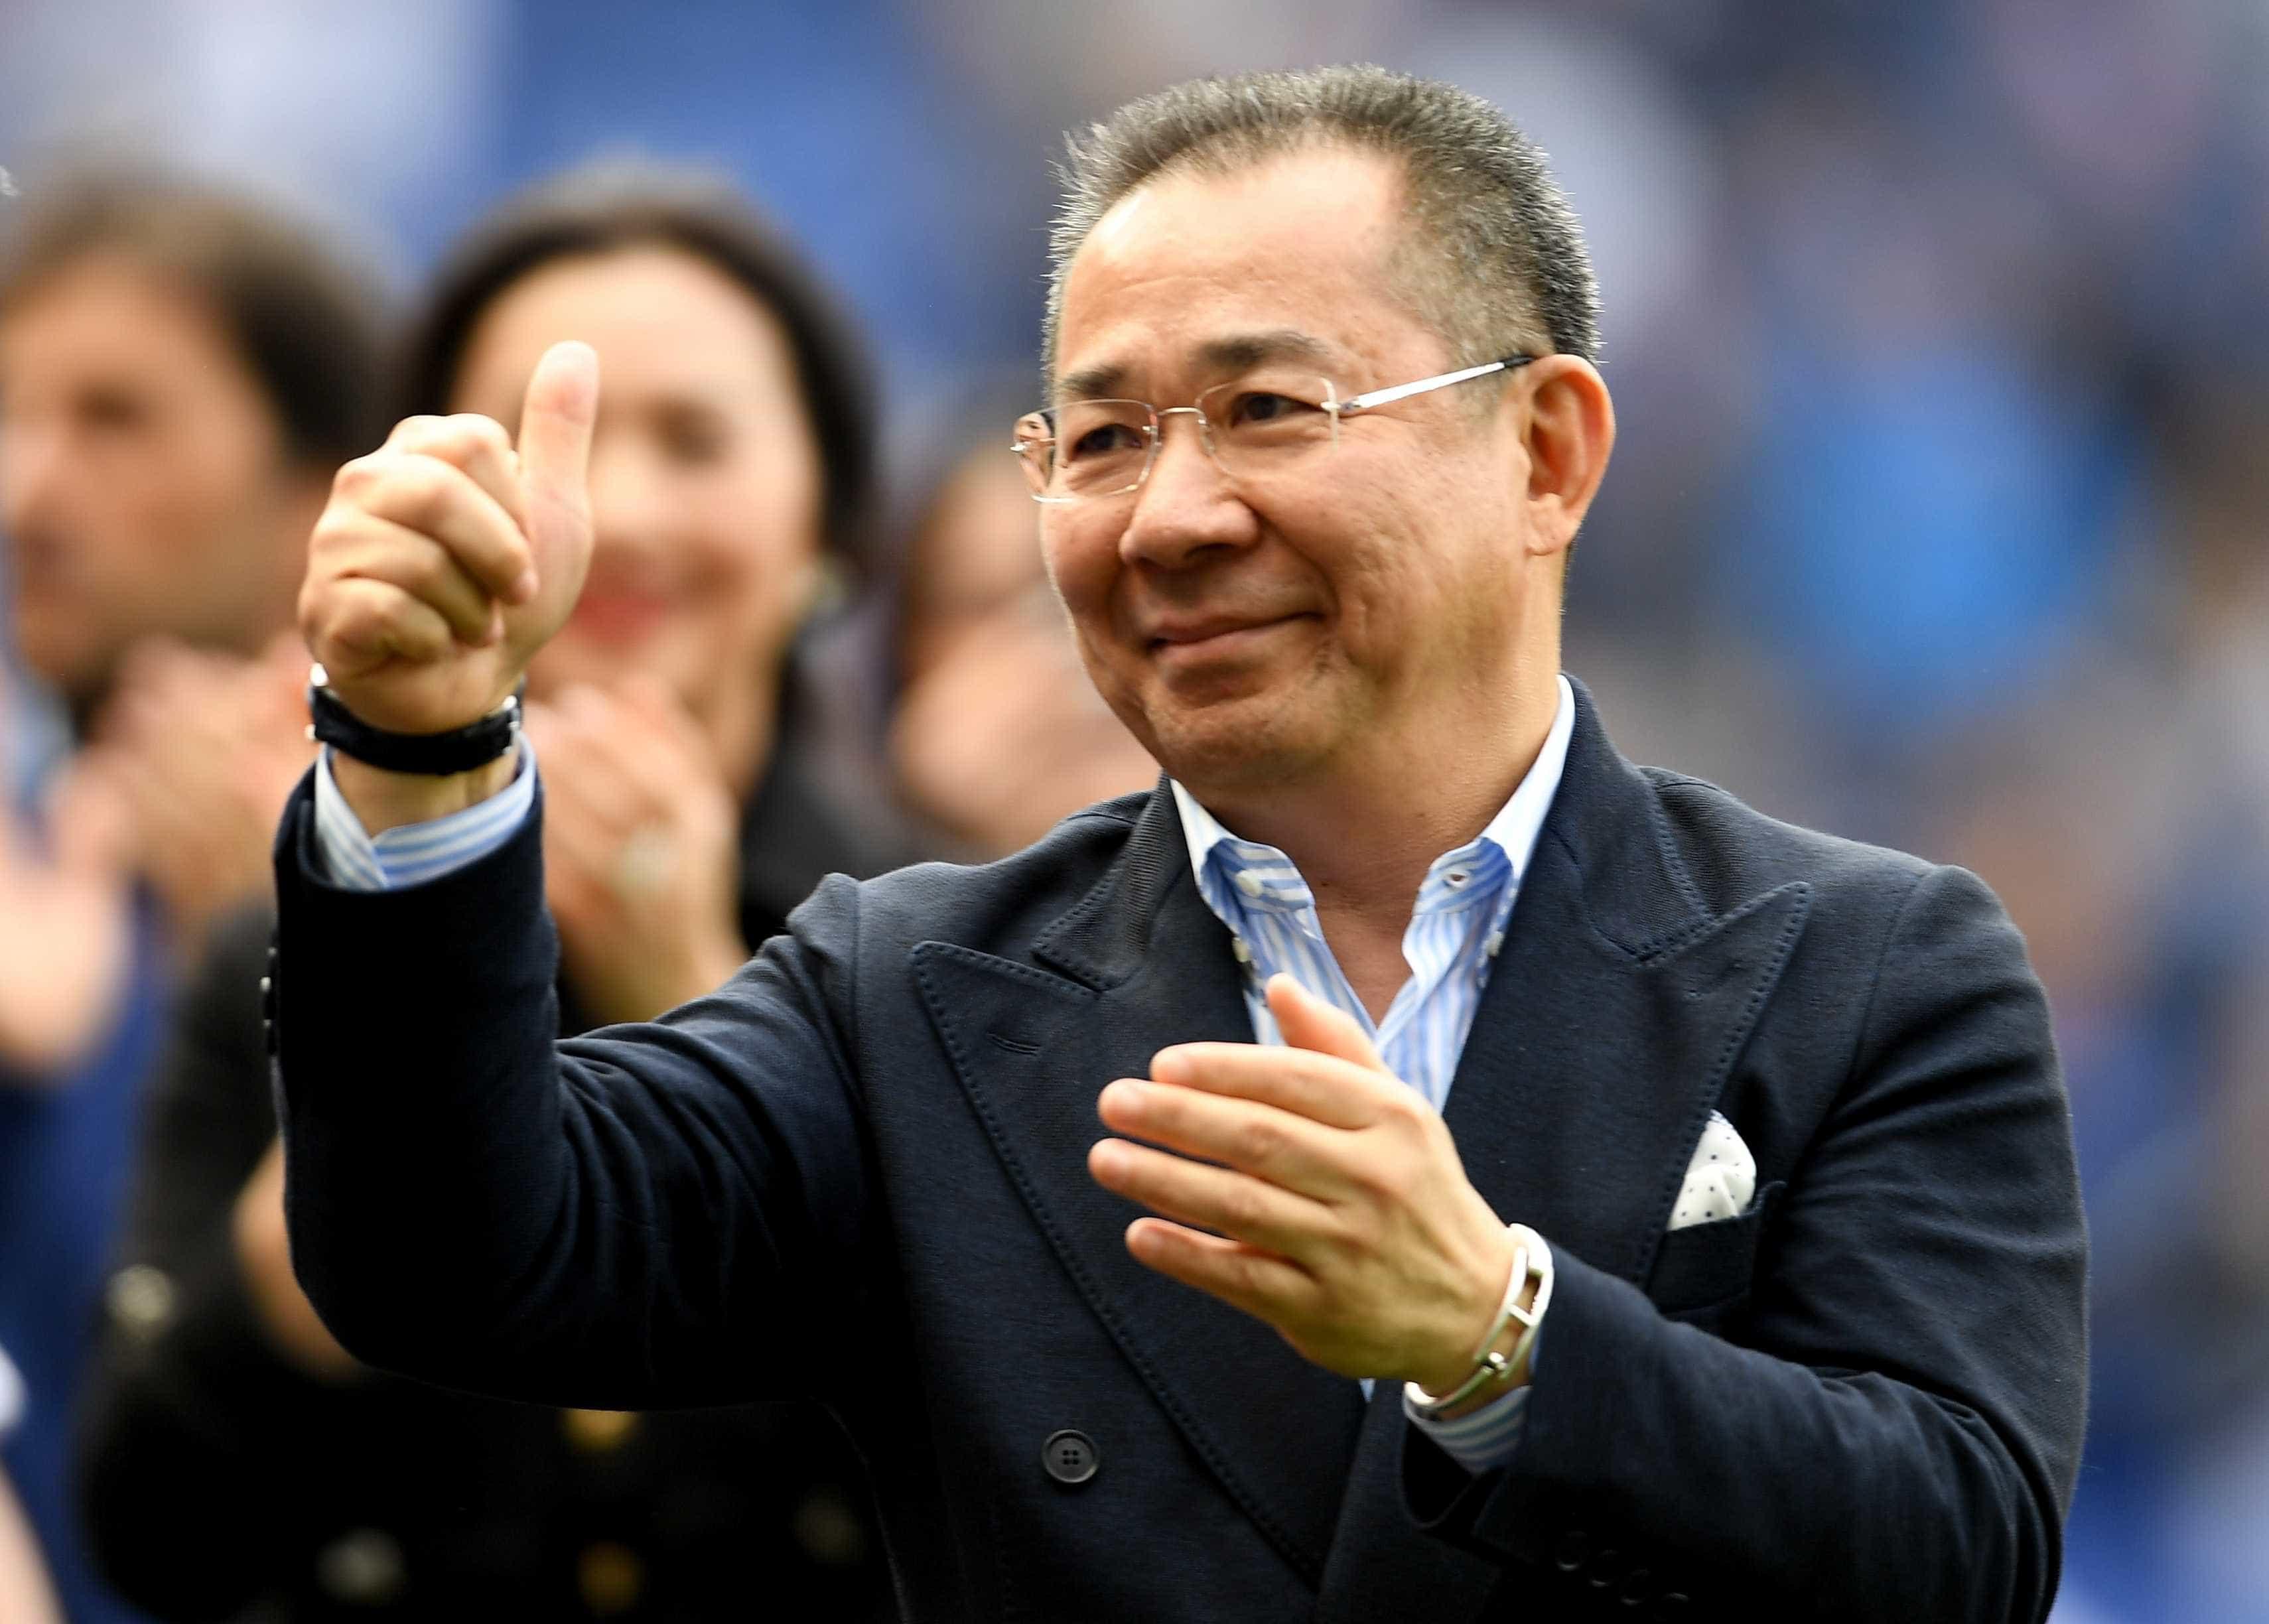 Leicester City confirma morte do presidente do clube